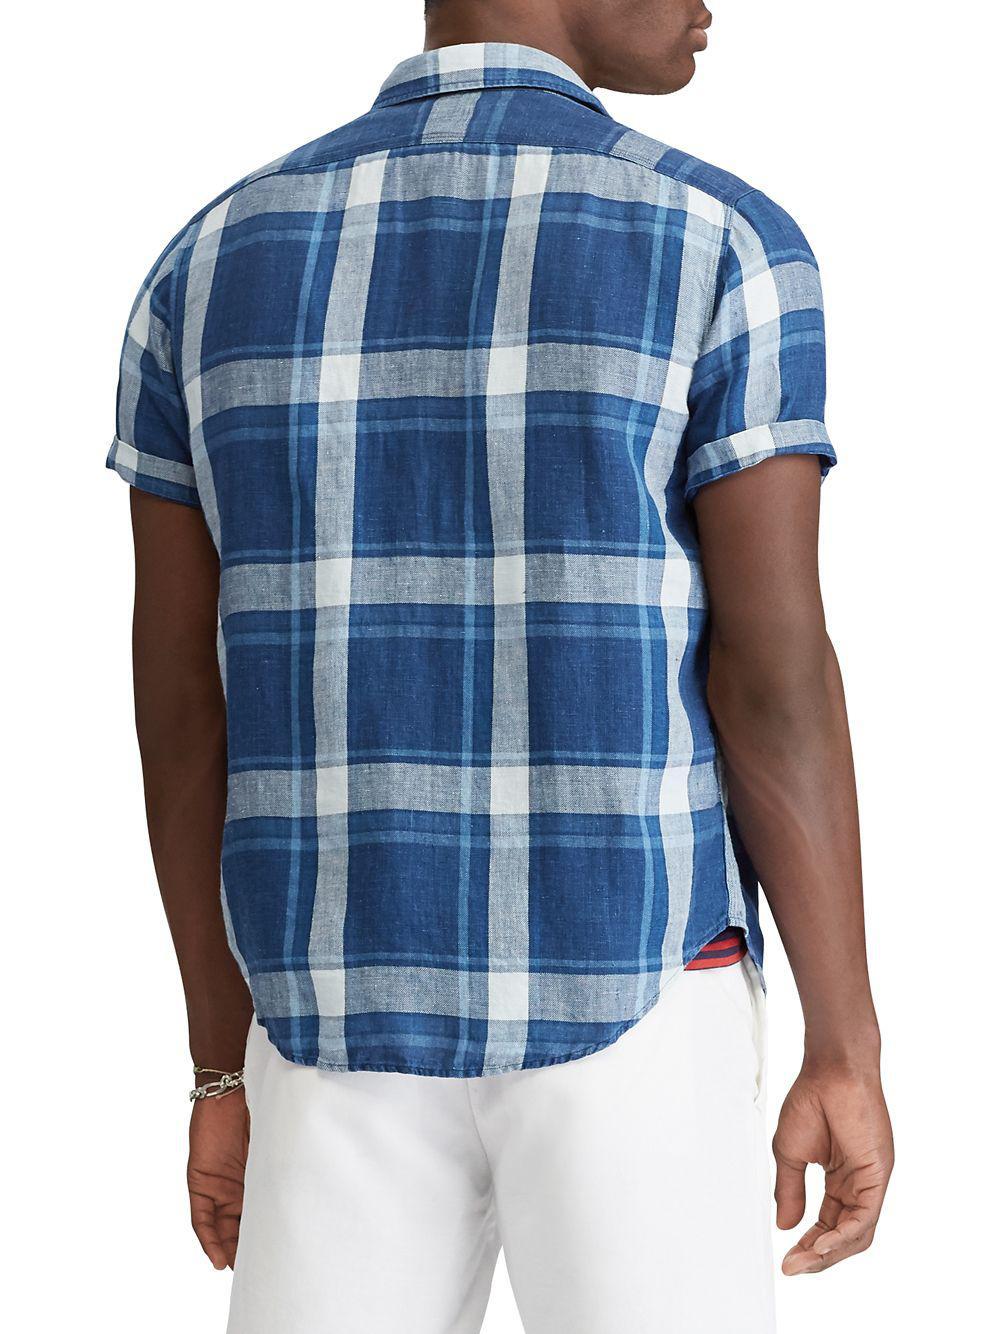 88c3f2381 ... ireland new zealand polo ralph lauren blue classic fit workshirt for men  lyst. view fullscreen